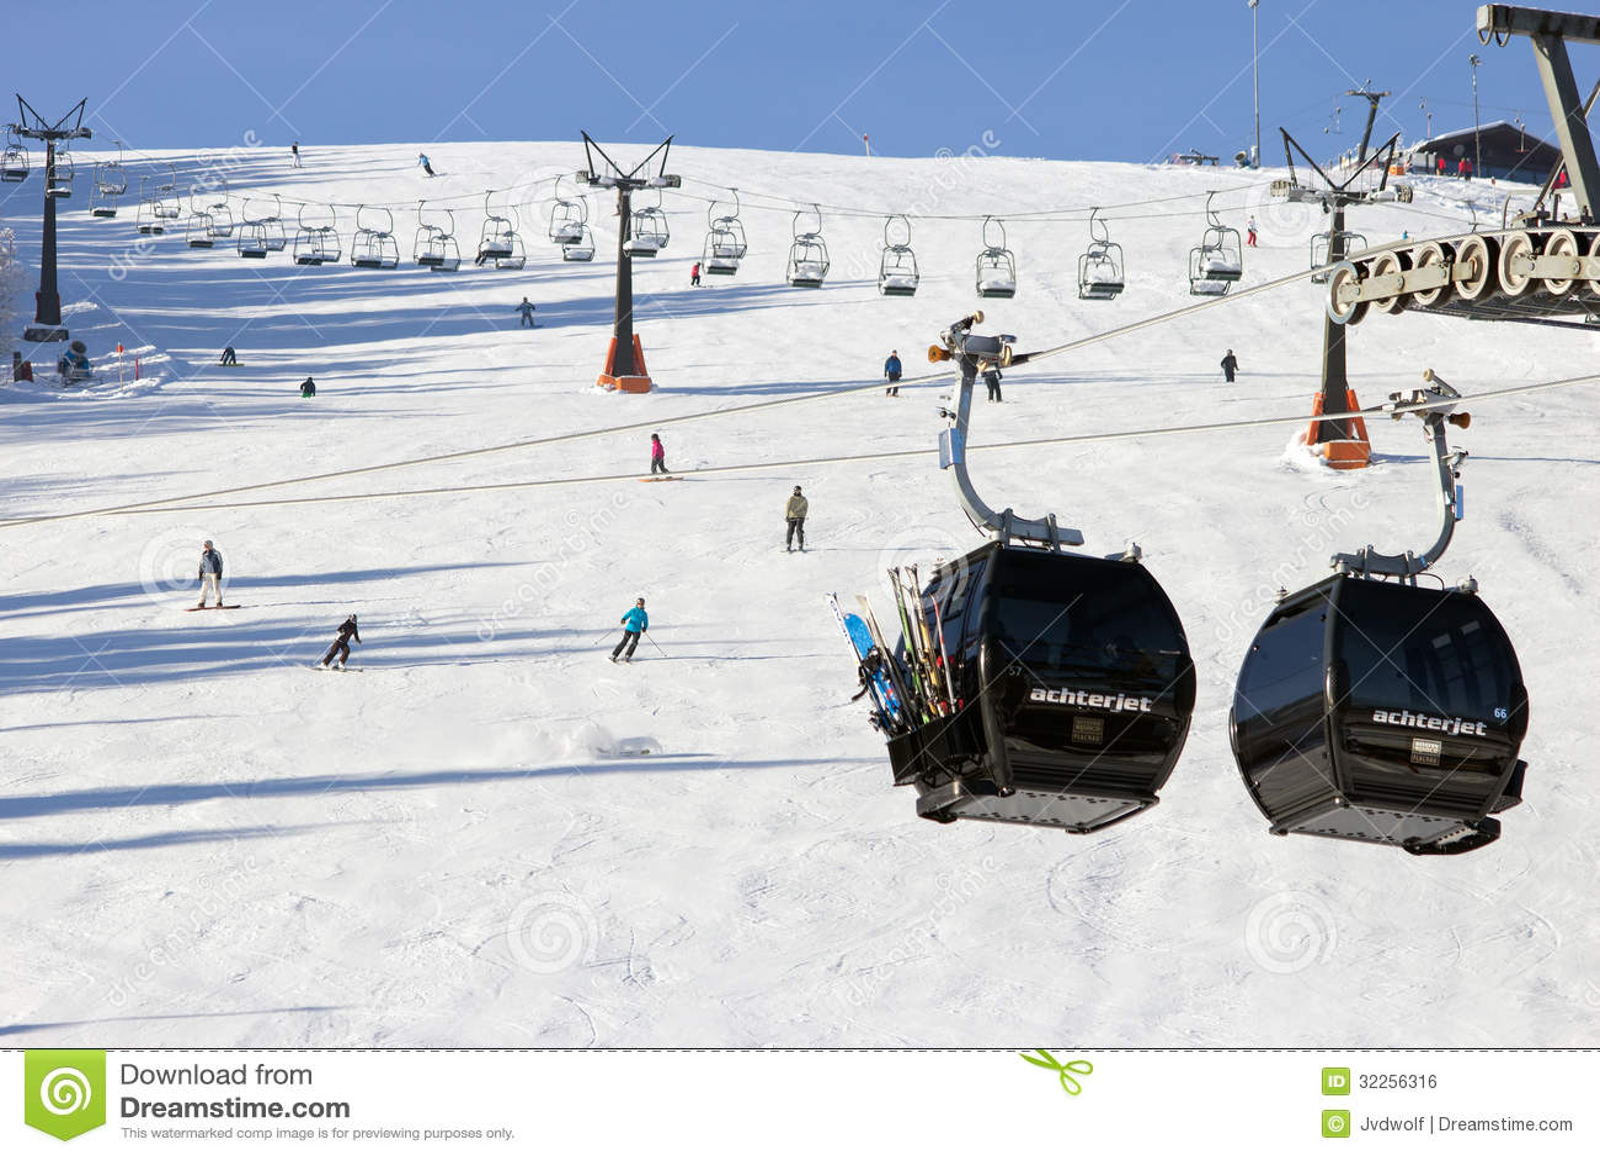 Flachau Austria  city photo : piste flachau austria dec lift cable booths going up flachau austria ...